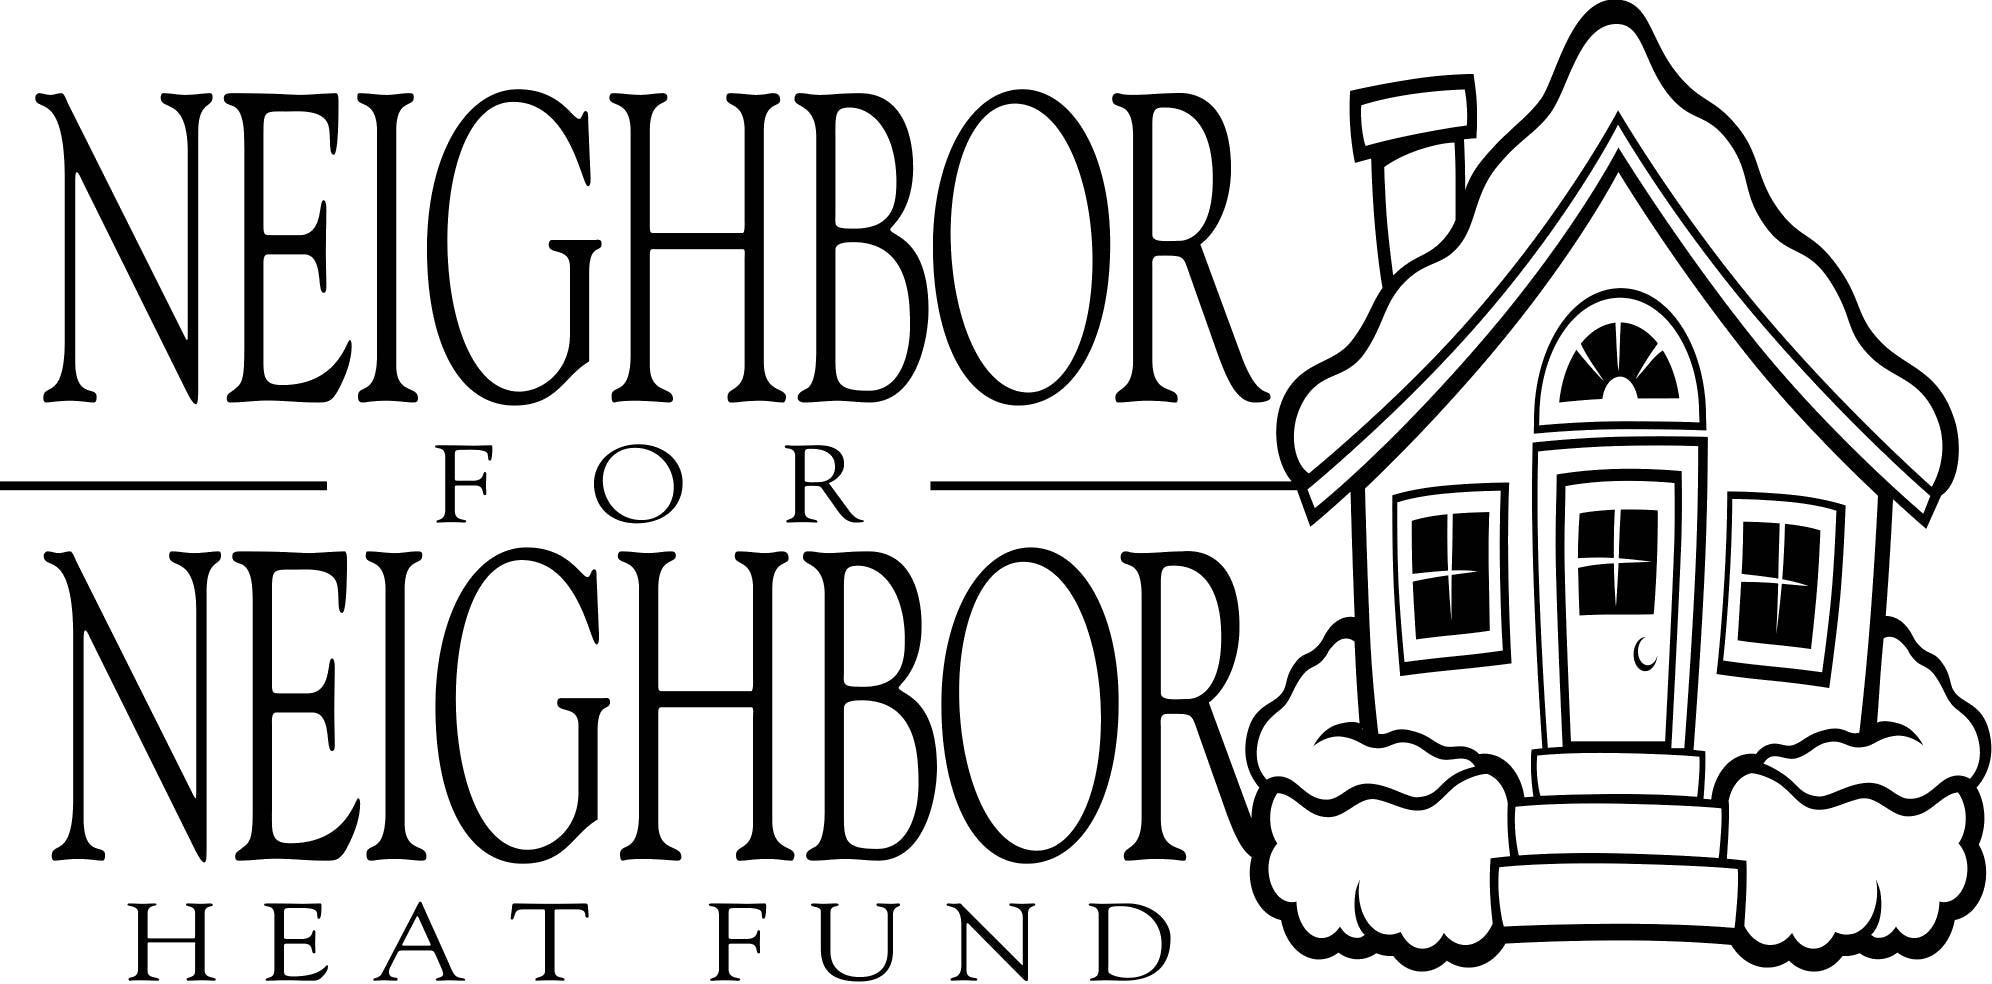 Neighbor-for-Neighbor Logo